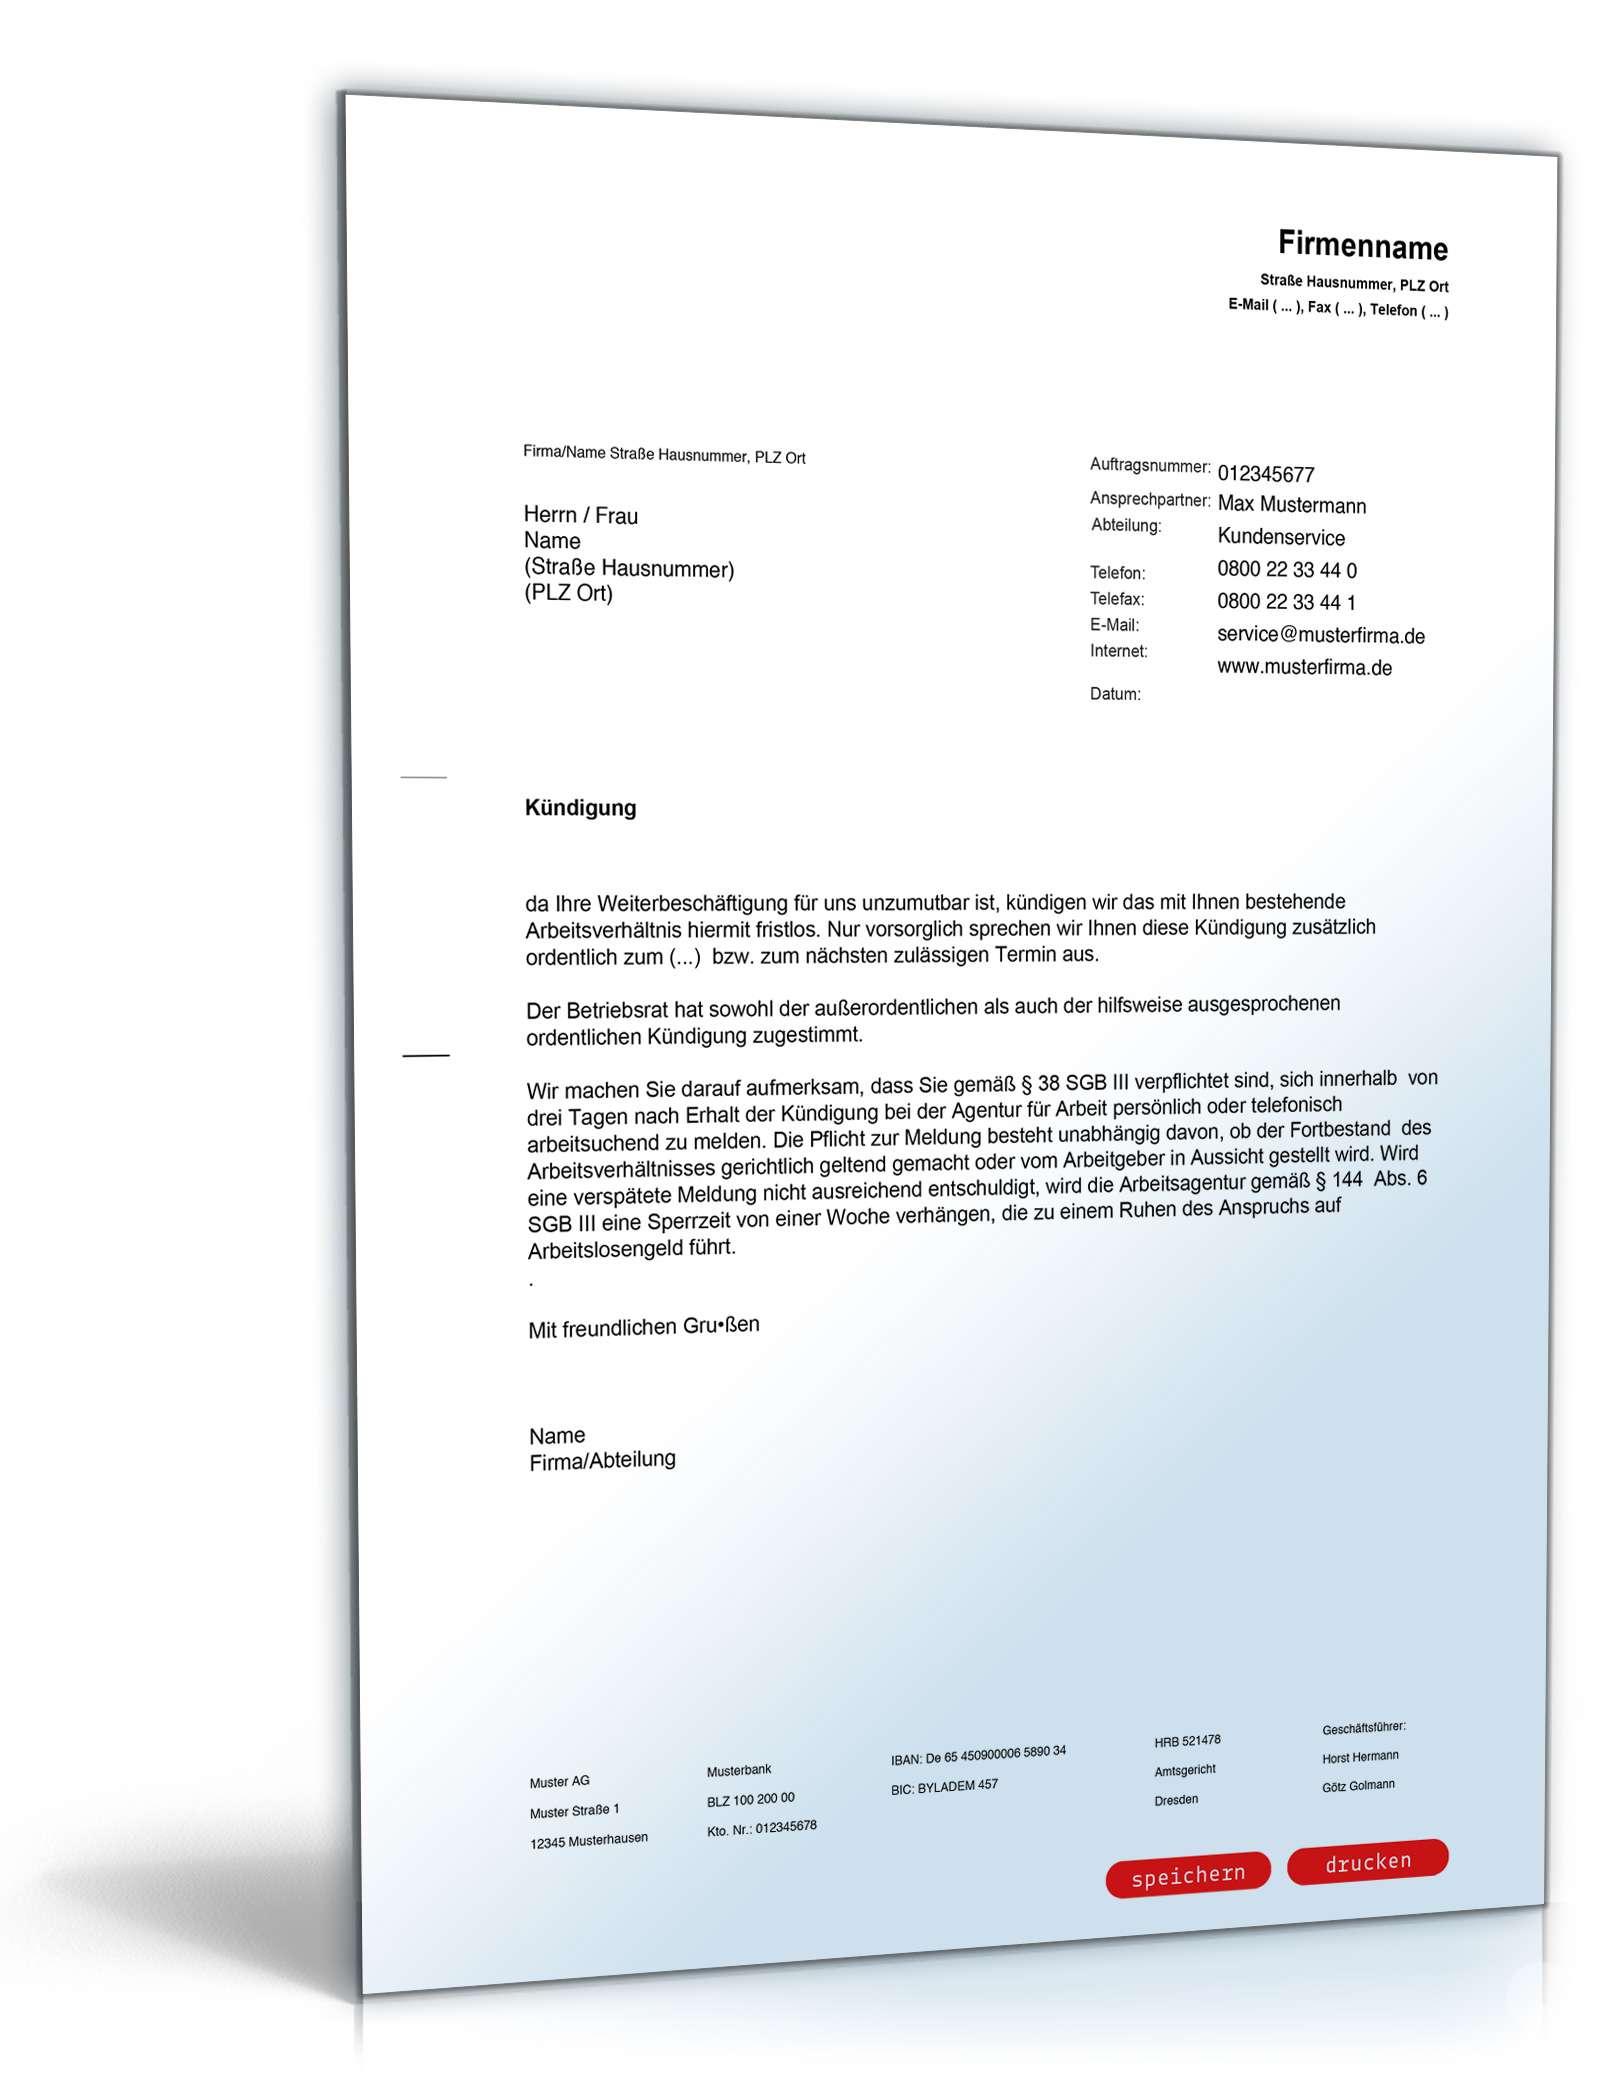 fristlose kndigung durch arbeitgeber - Muster Kundigungsschreiben Arbeitgeber